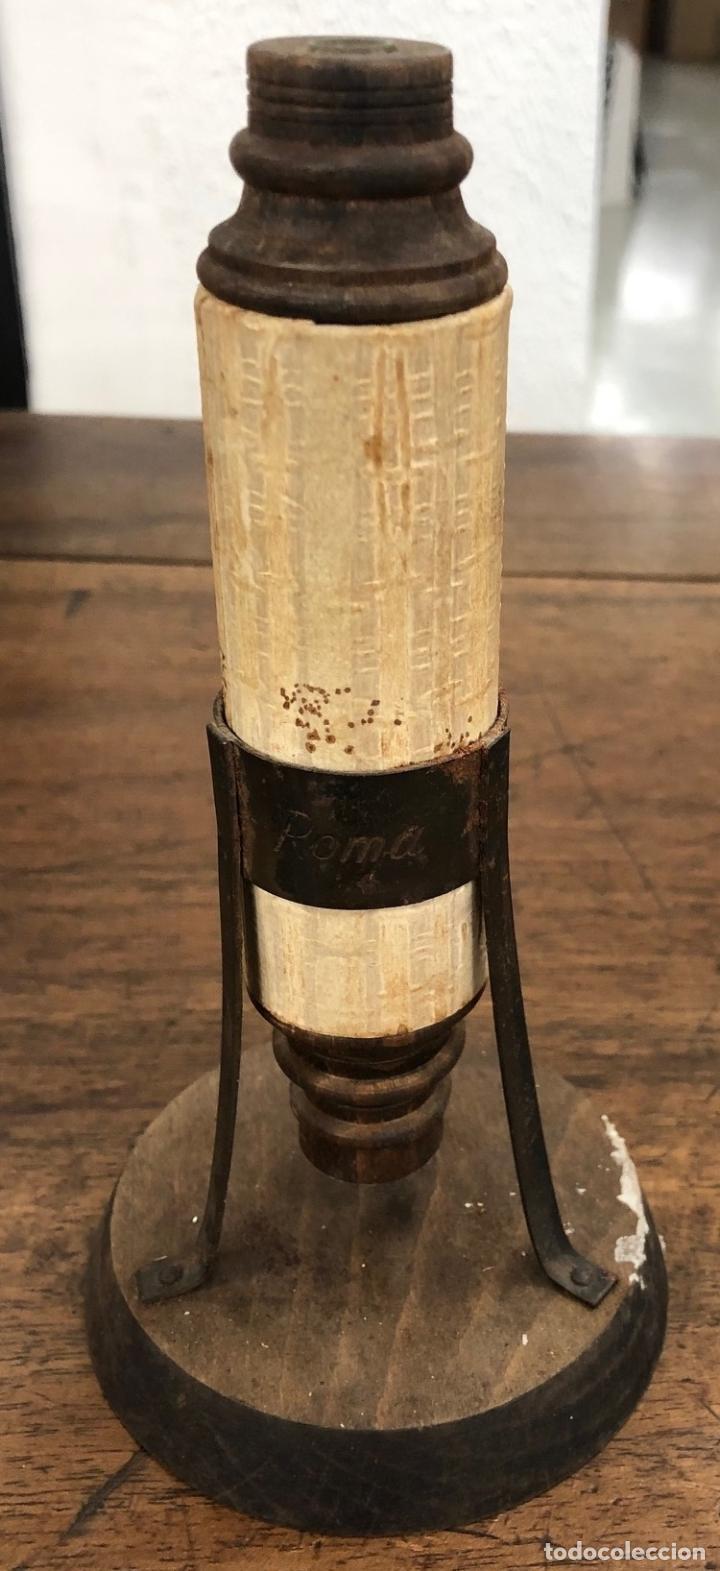 REPRODUCCION MICROSCOPIO CAMPANI ITALIA 1673. GIUSEPPE CAMPANA. AÑOS 70 (Antigüedades - Técnicas - Instrumentos Ópticos - Microscopios Antiguos)